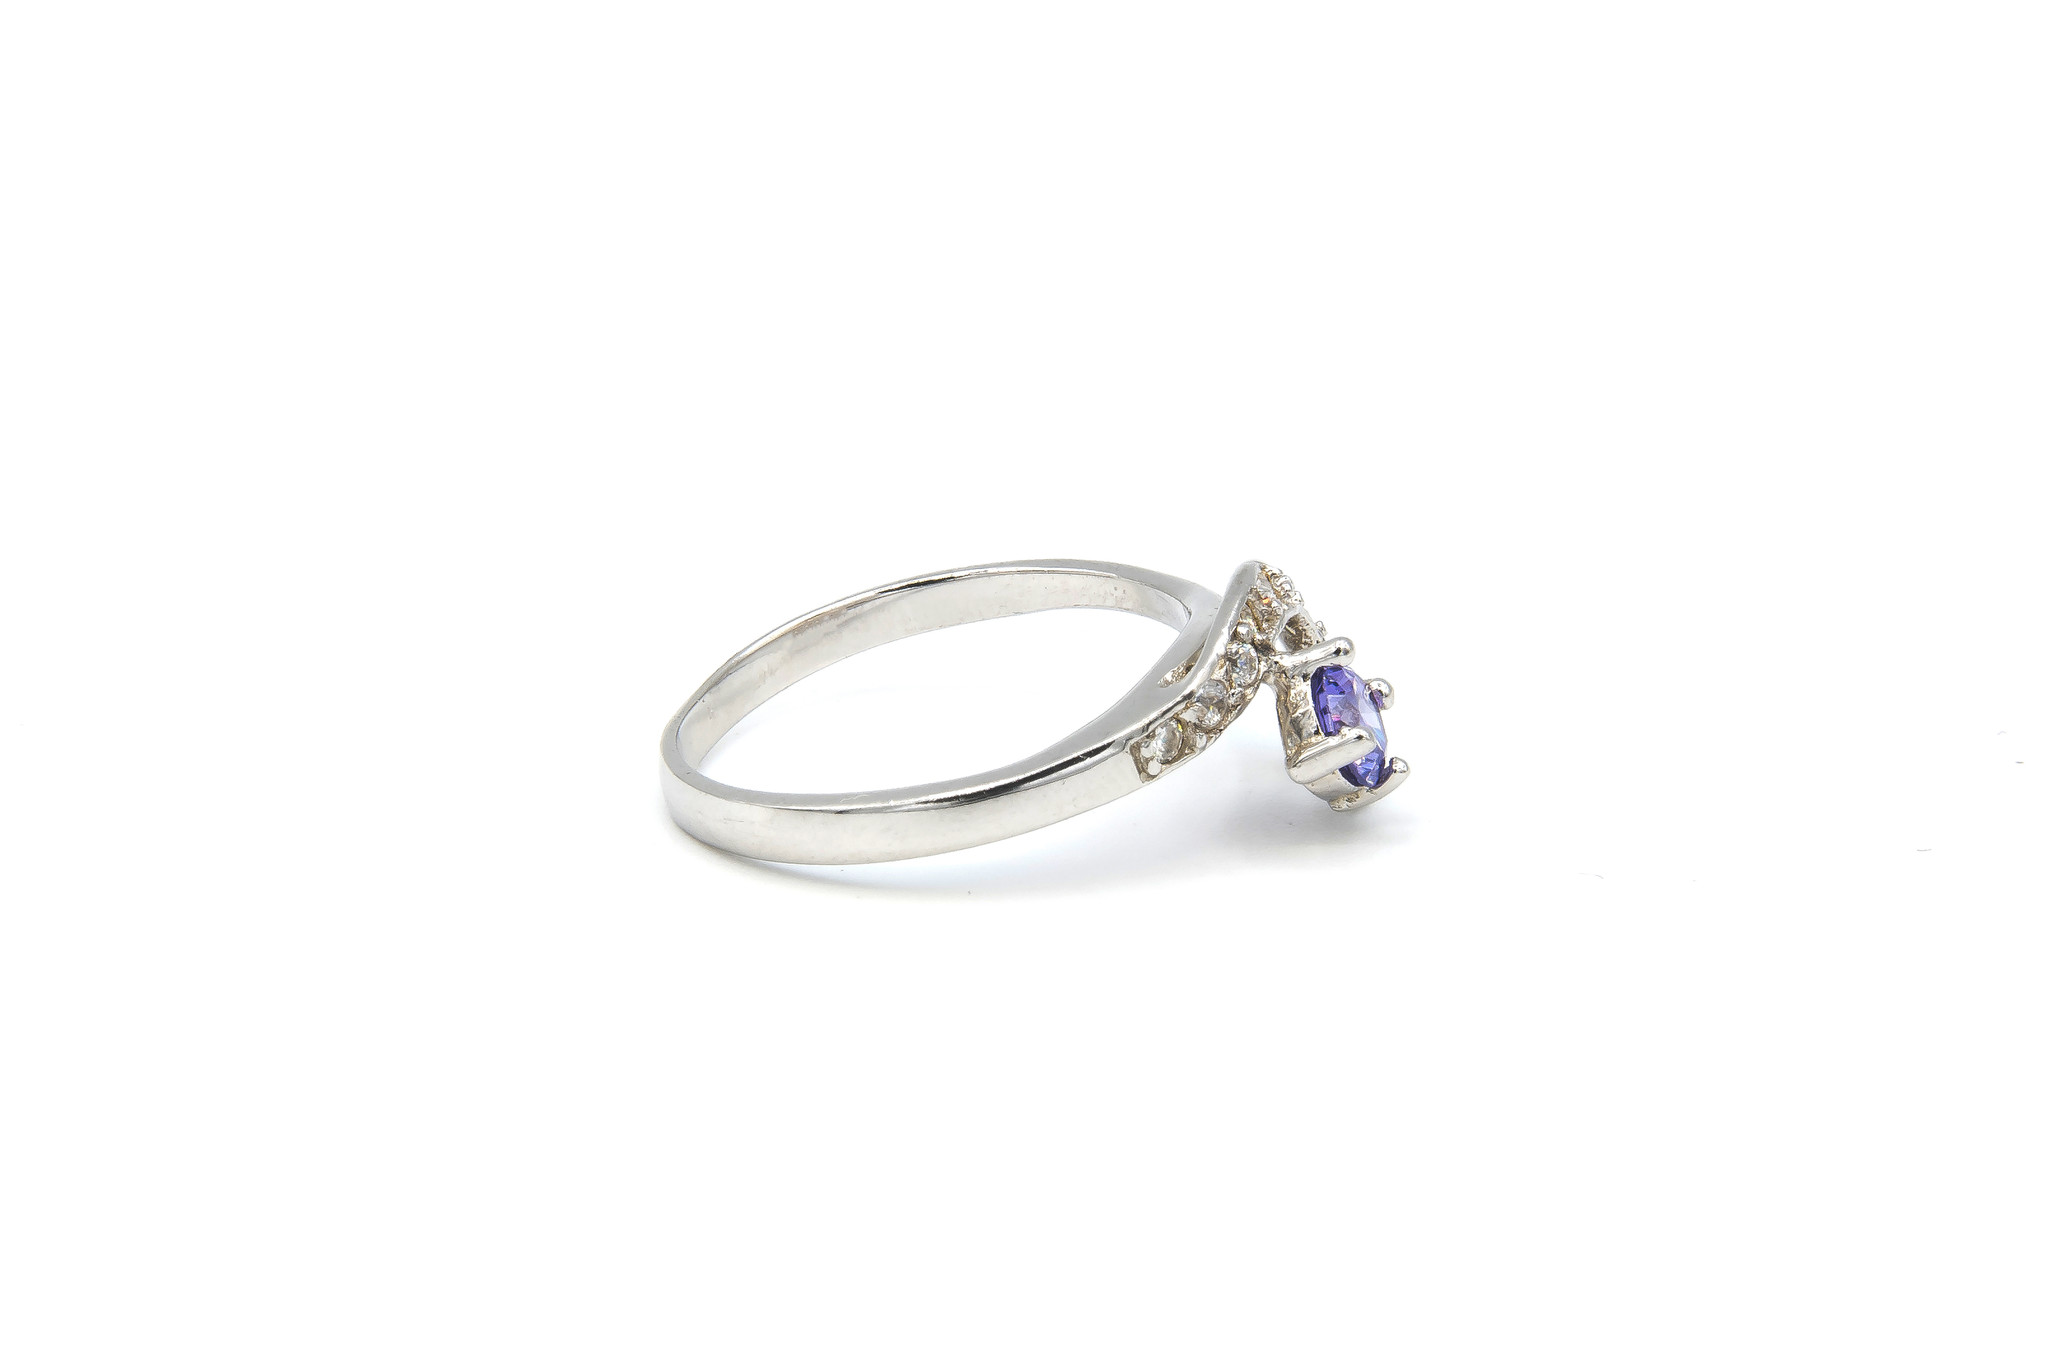 Ring verlovingsring lusje ingezet met zirkonia's en paarse steen zilver-5